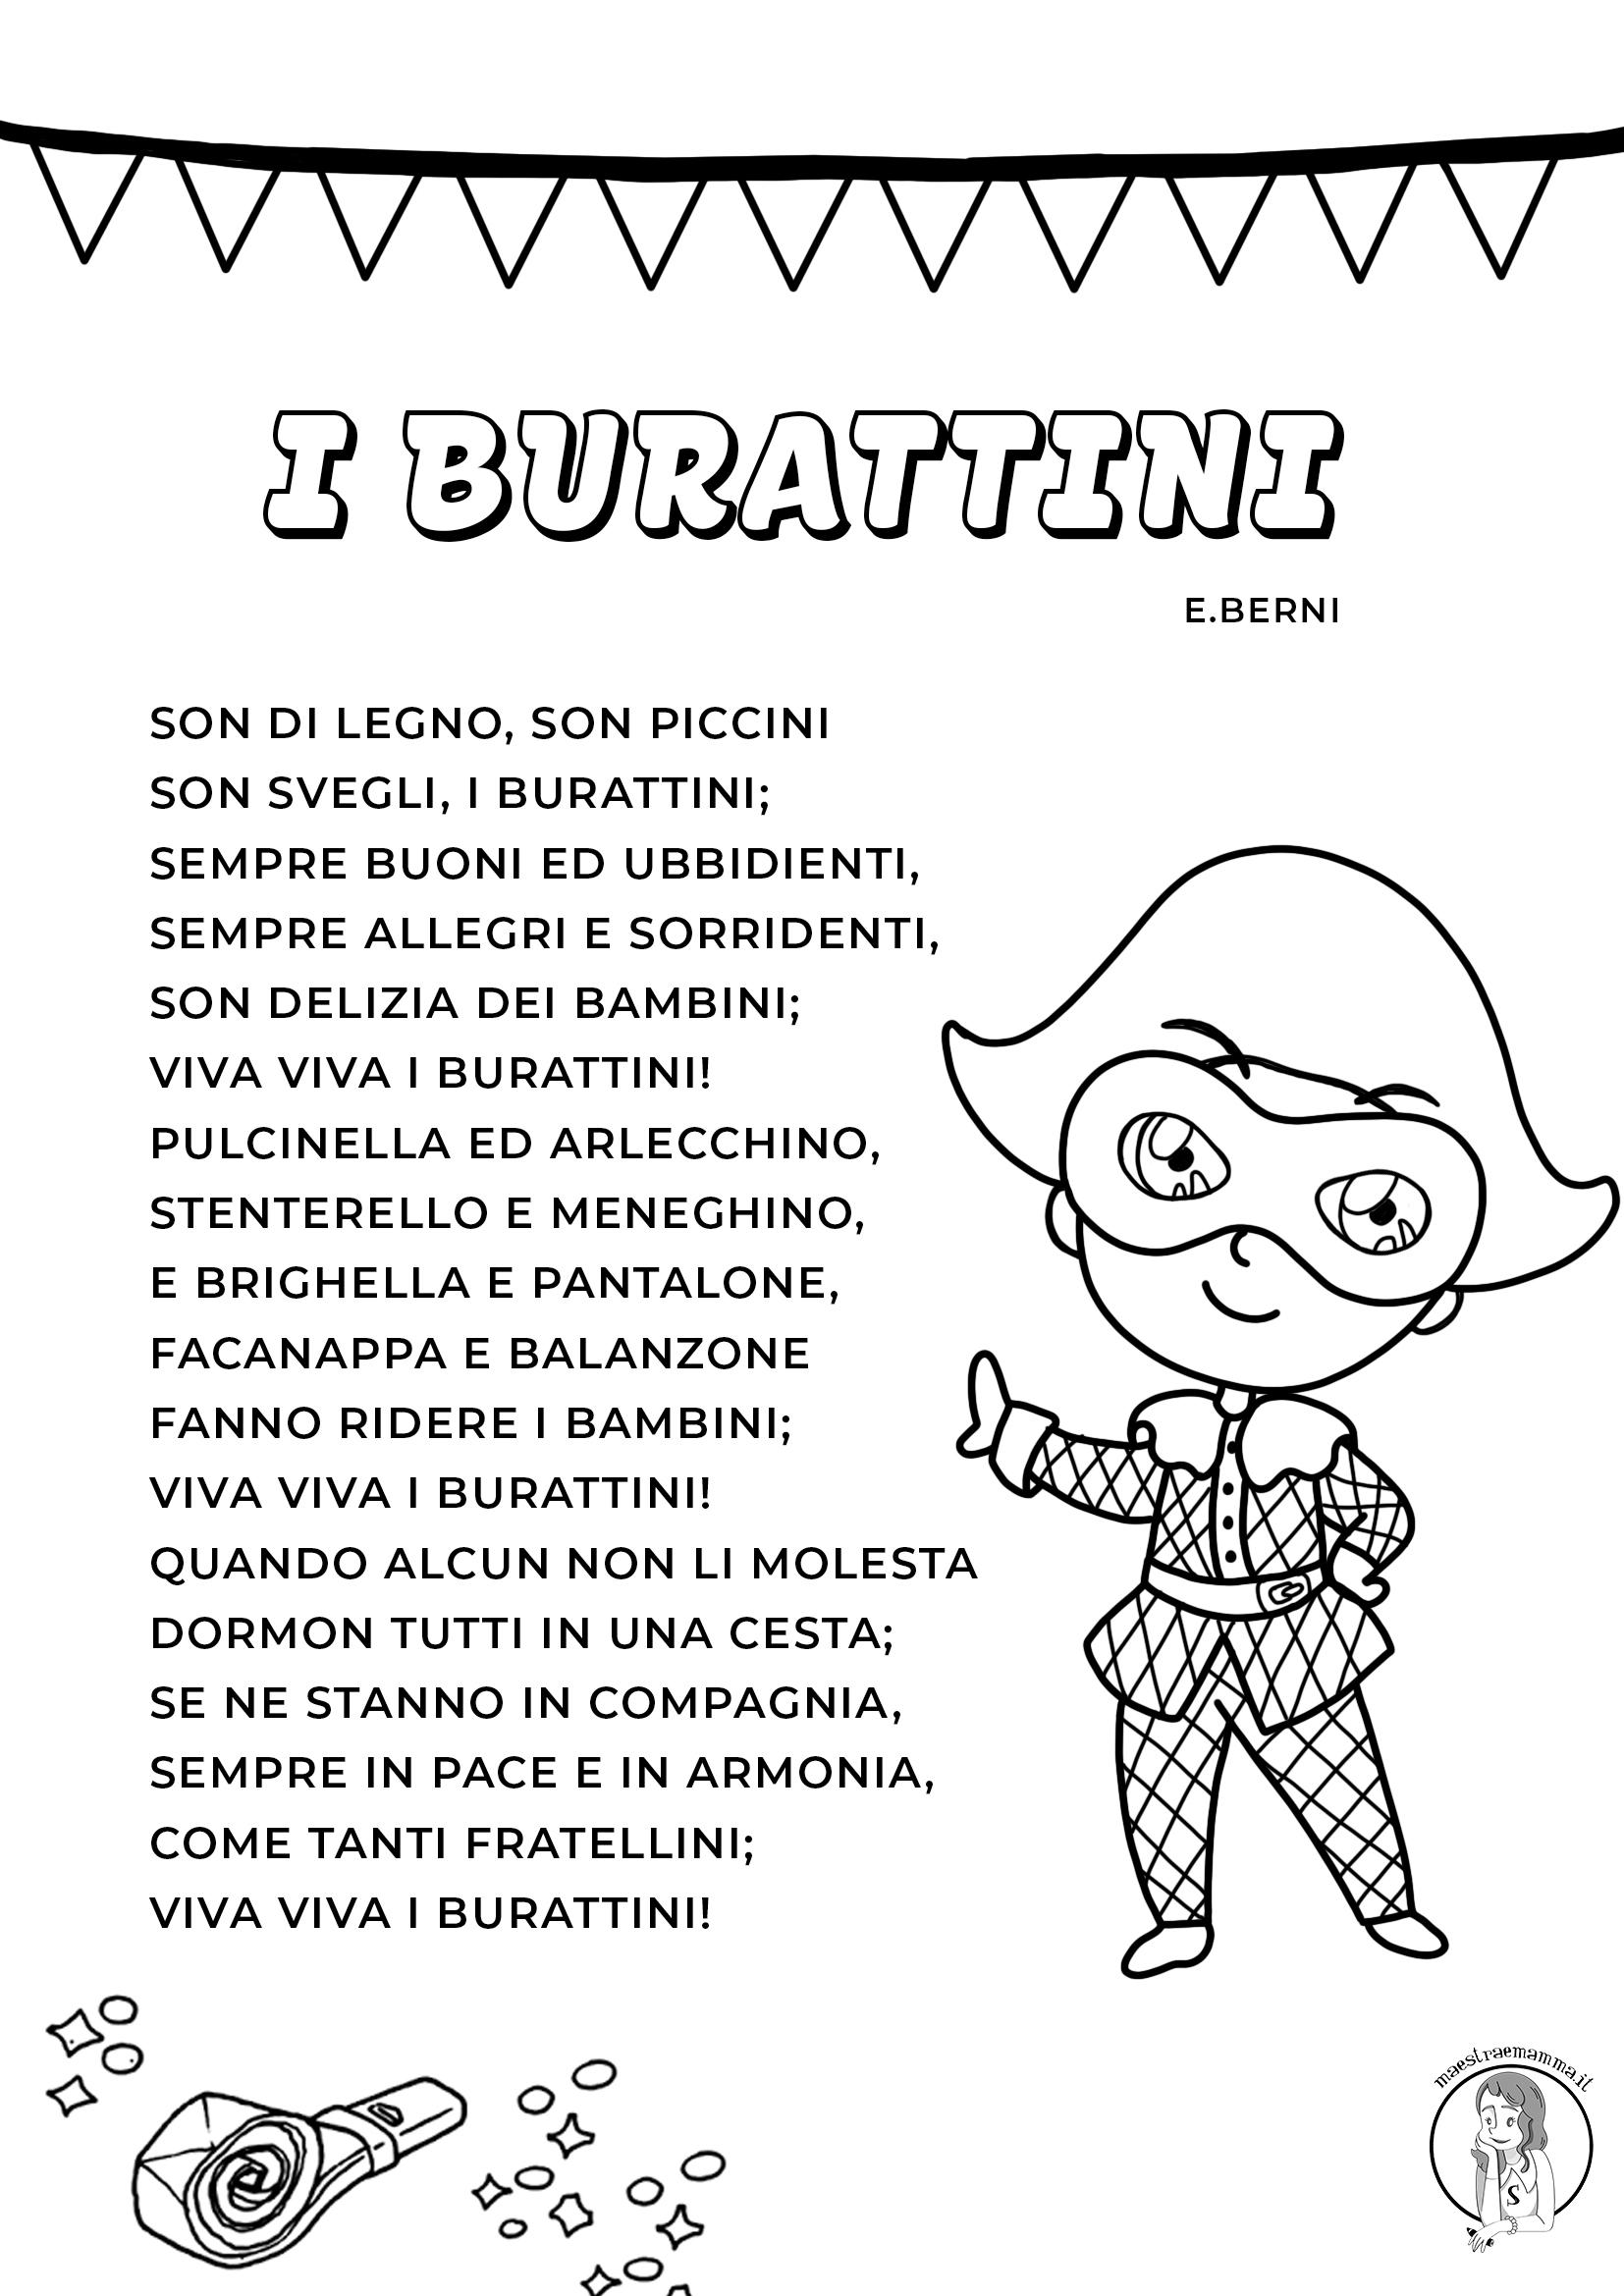 Filastrocca di Carnevale di E. Berni da stampare in bianco e nero o a colori.